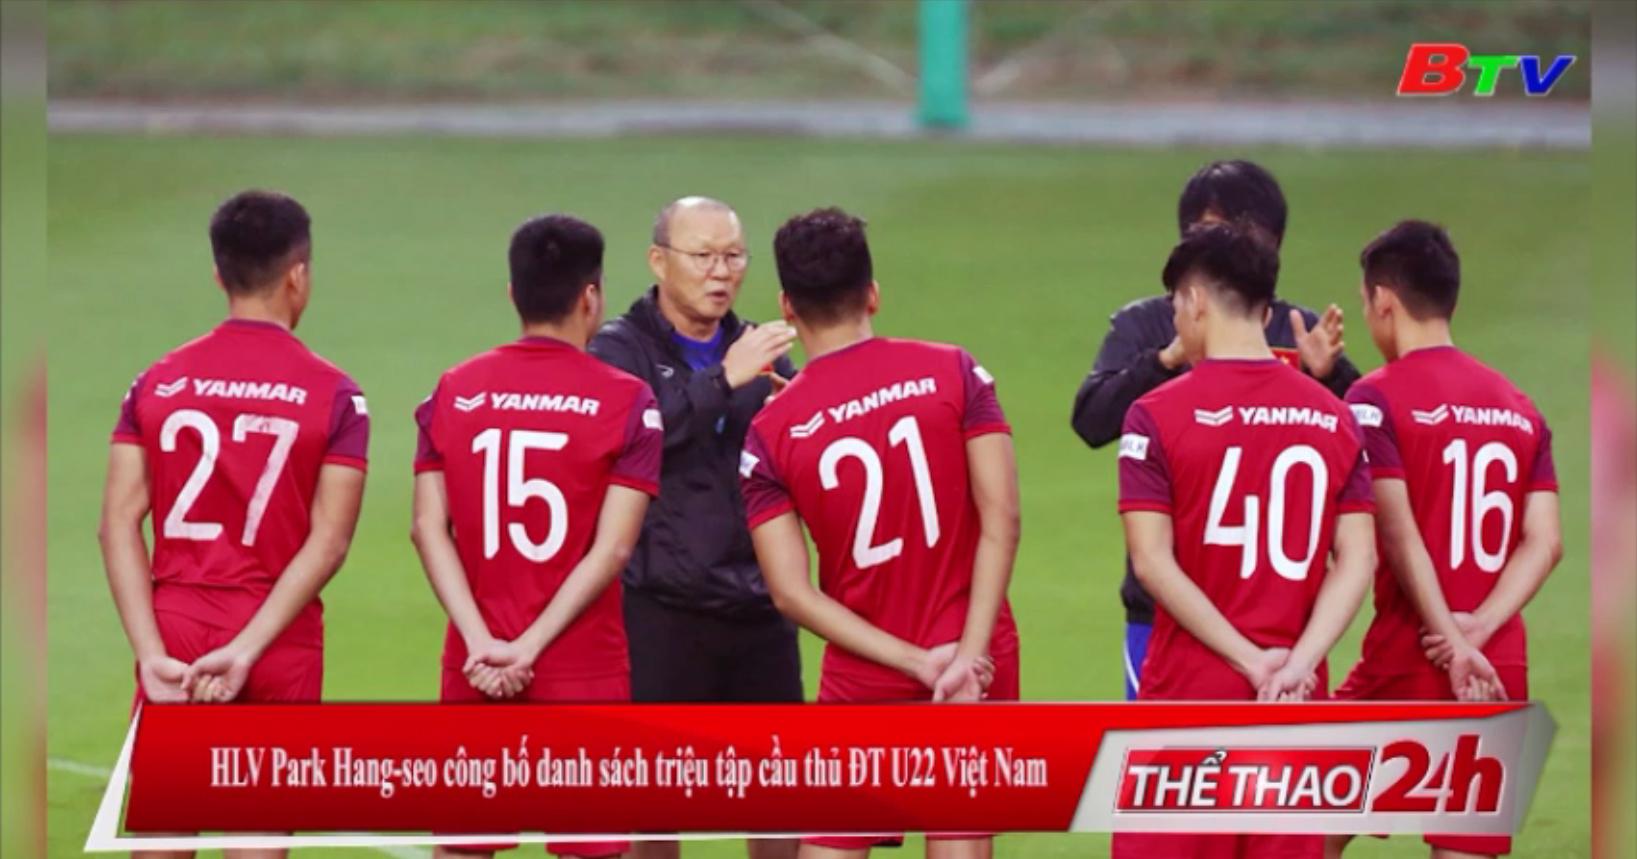 HLV Park Hang-seo công bố danh sách triệu tập cầu thủ ĐT U22 Việt Nam